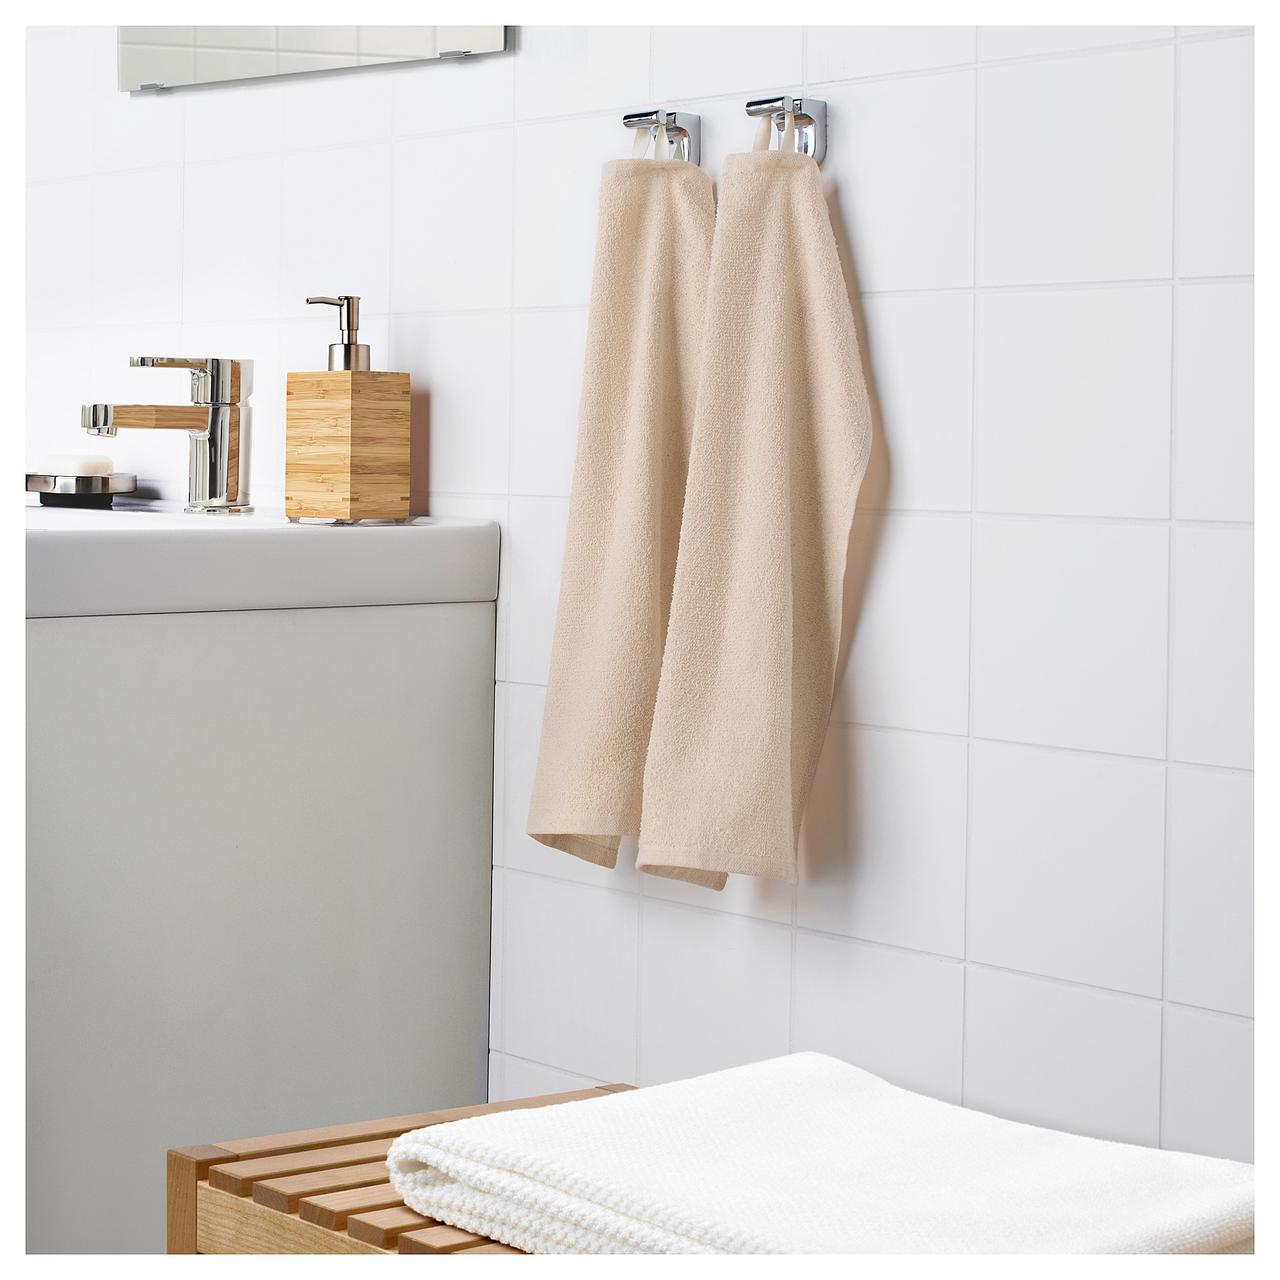 икеа лейарен полотенце неокрашенный 24 грн мебель для ванной